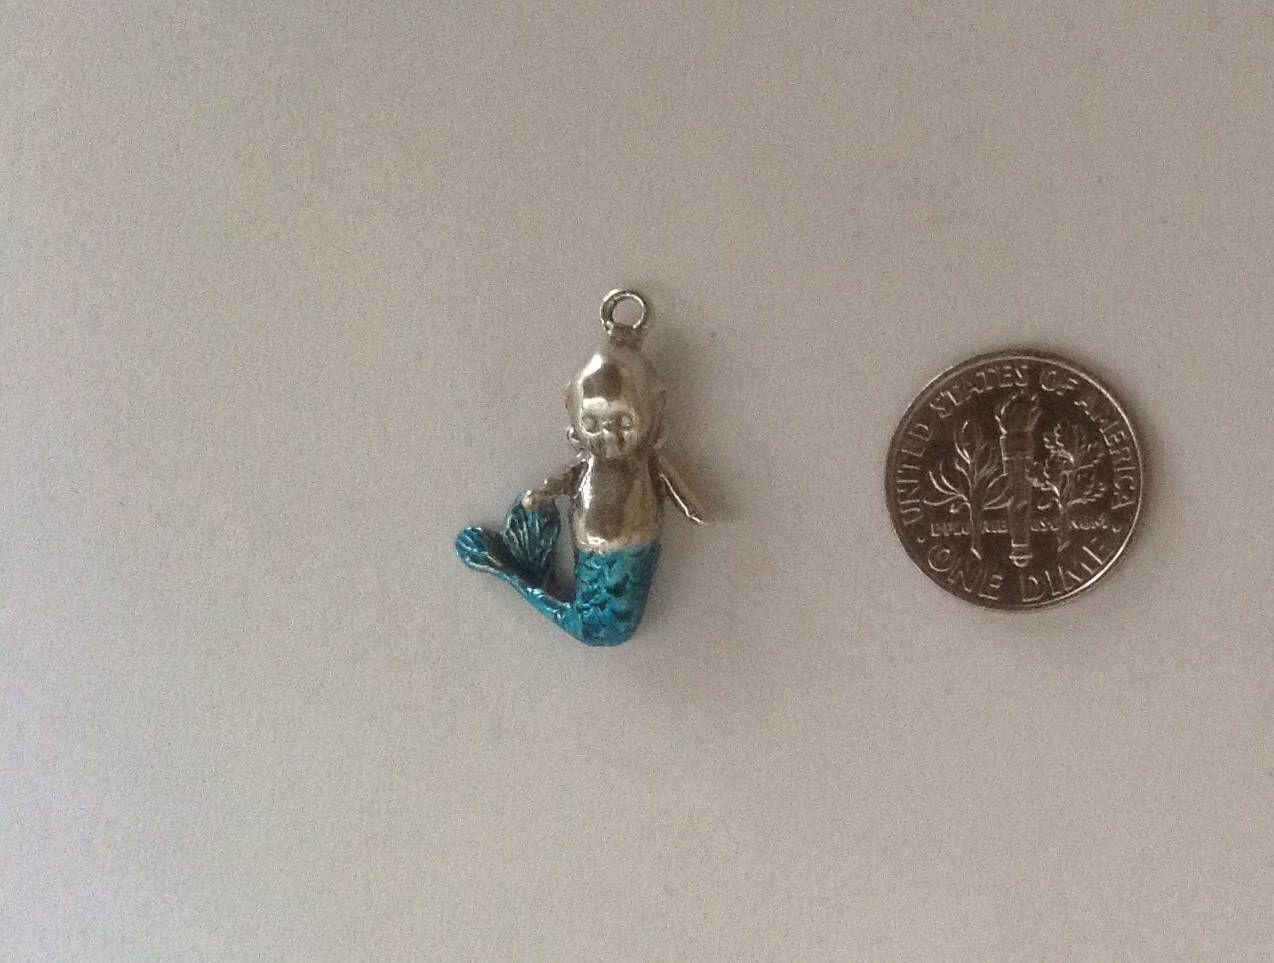 Kewpie sterling silver mer-kewp character turquoise enameled mermaid bracelet charm baby doll pendant Rose O'Neill by TheVintEdge on Etsy https://www.etsy.com/listing/536088175/kewpie-sterling-silver-mer-kewp